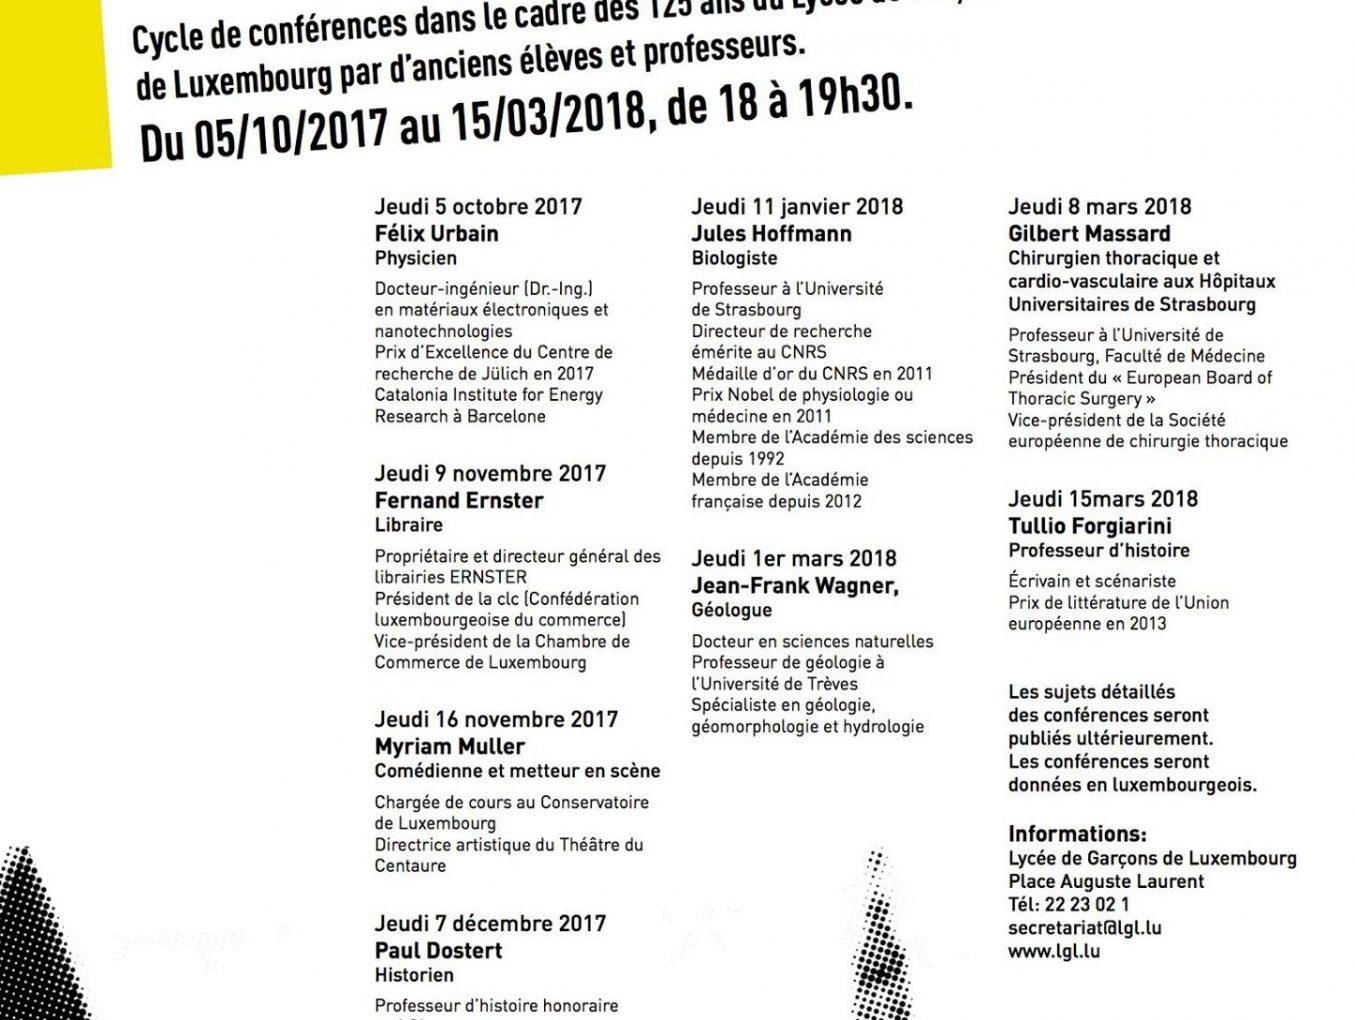 Cycle de conférences 125 ans LGL -  Les Glorieux Lycéens